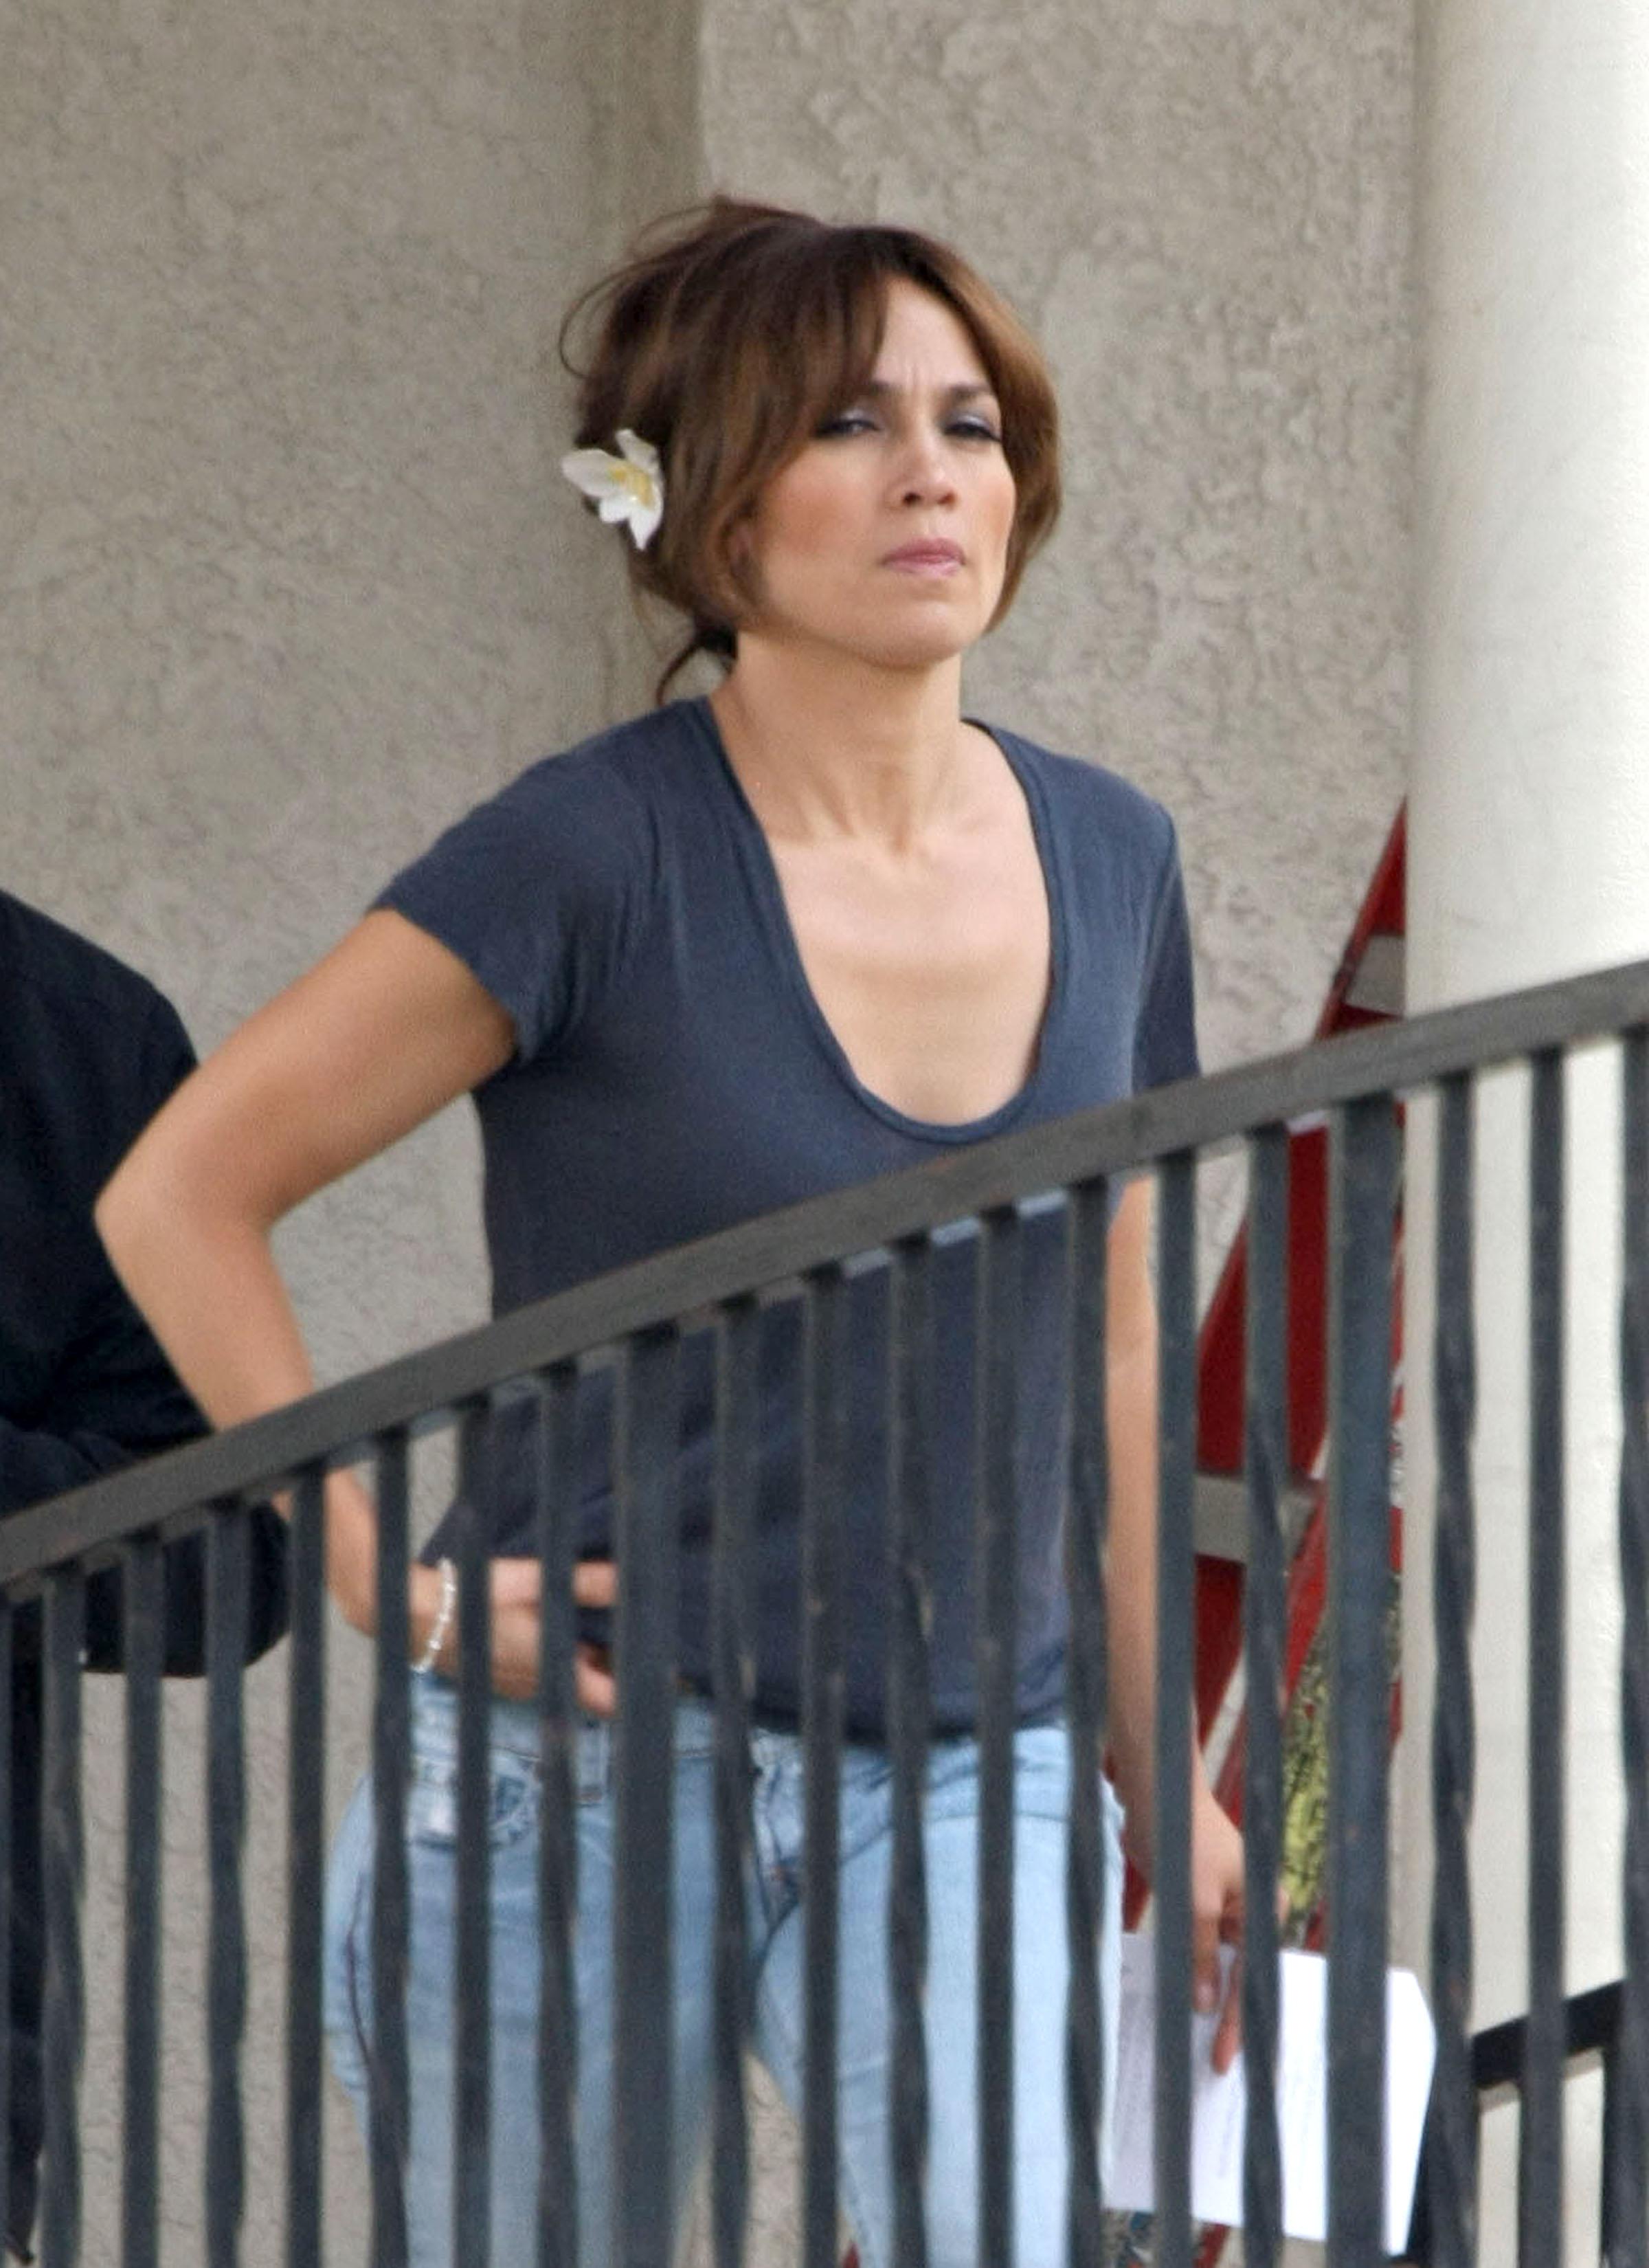 35917_Preppie_-_Jennifer_Lopez_on_The_Backup_Plan_set_in_Los_Angeles_-_June_15_2009_216_122_69lo.jpg